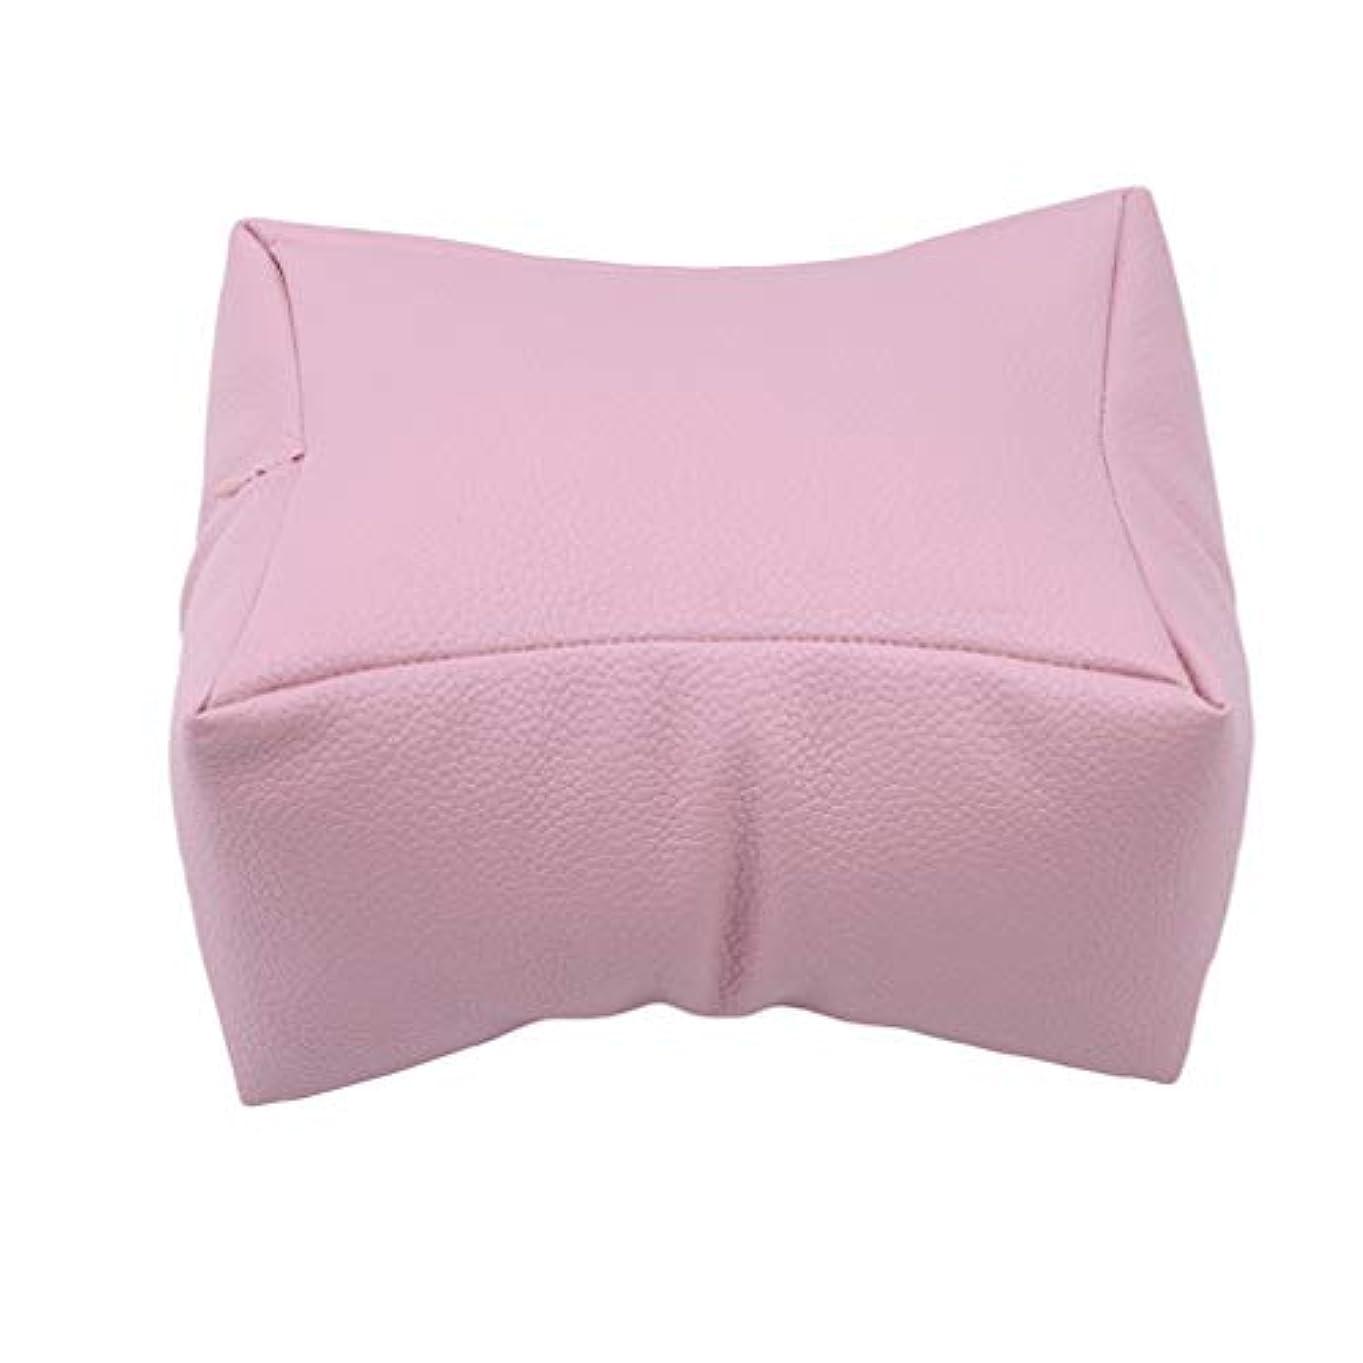 人物一見芝生Noonlity 枕 ハンド枕 腕枕 腕置き 手の枕 柔らかい ジェルネイルまくら 練習用にも,ピンク